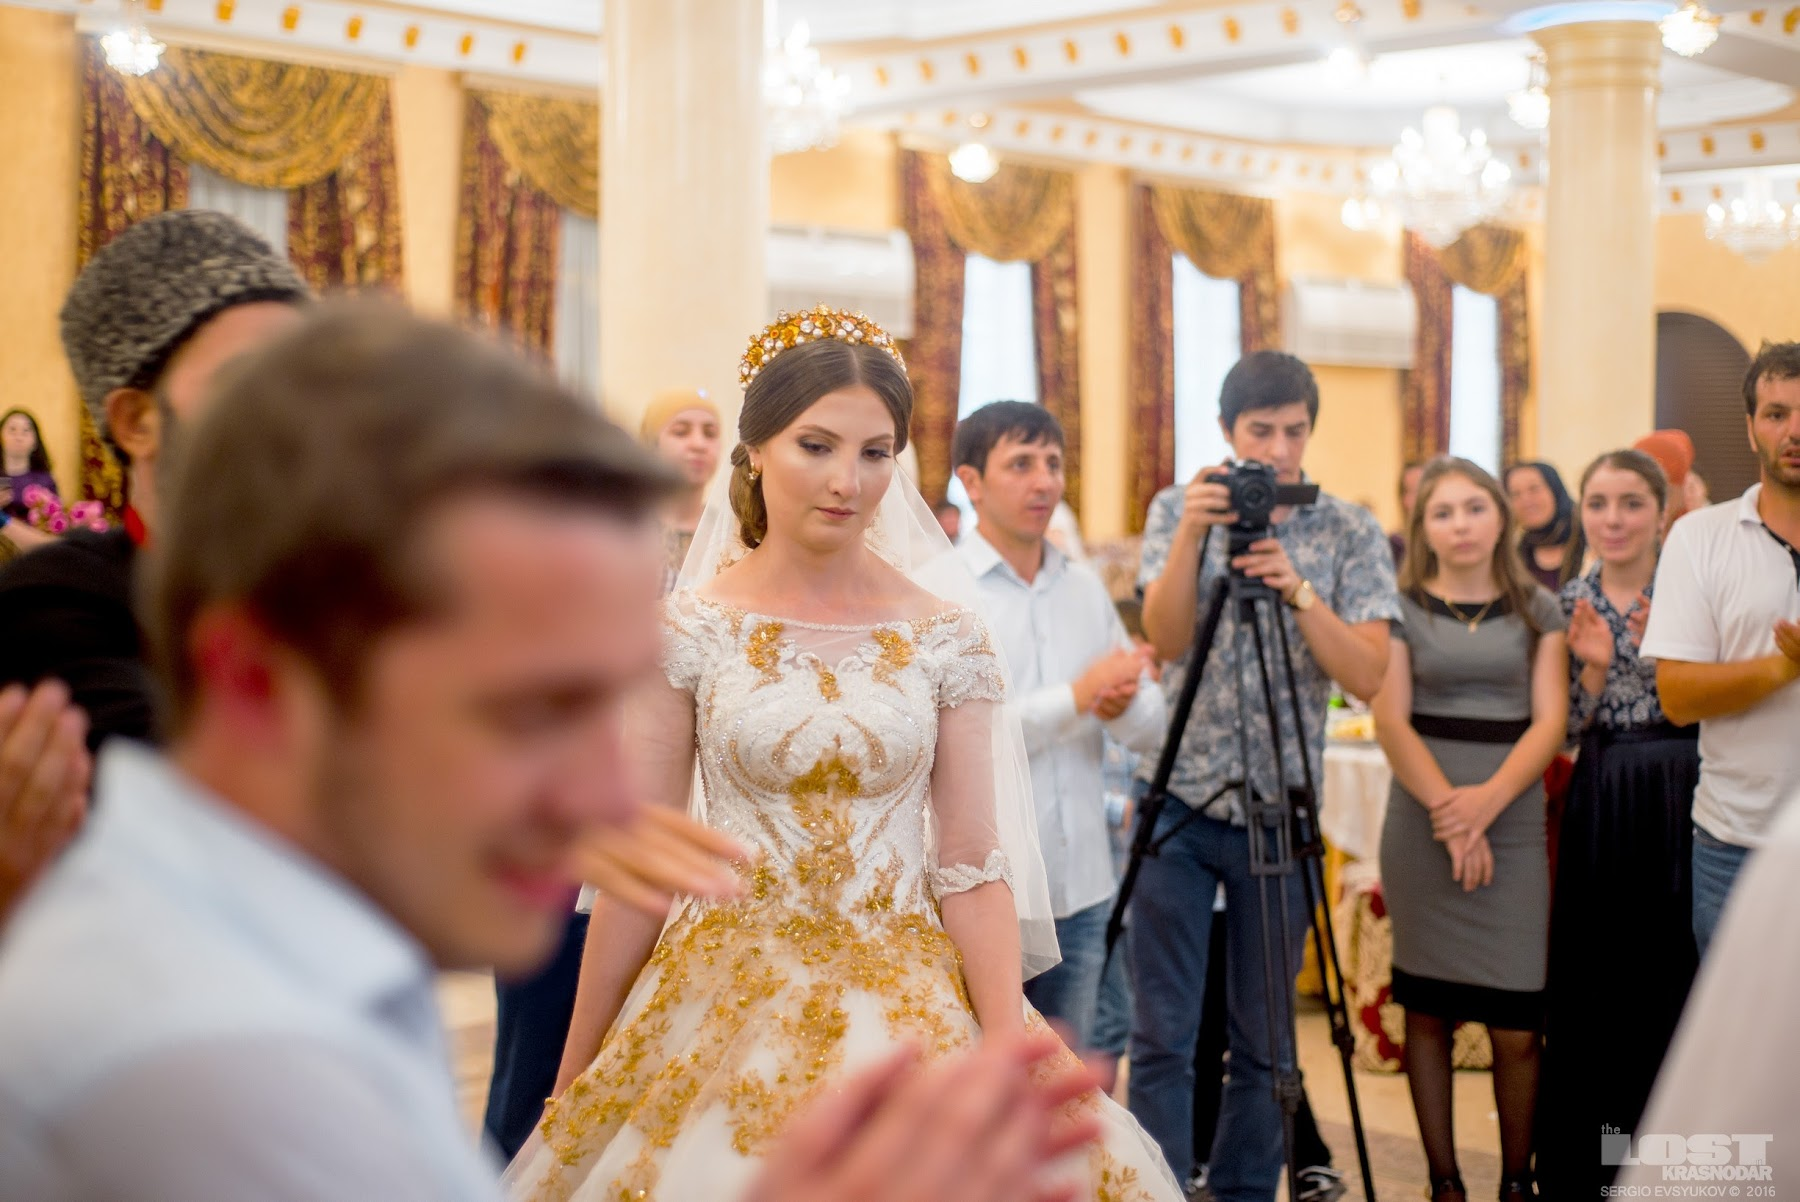 Свадьбы в махачкале 2018 фото